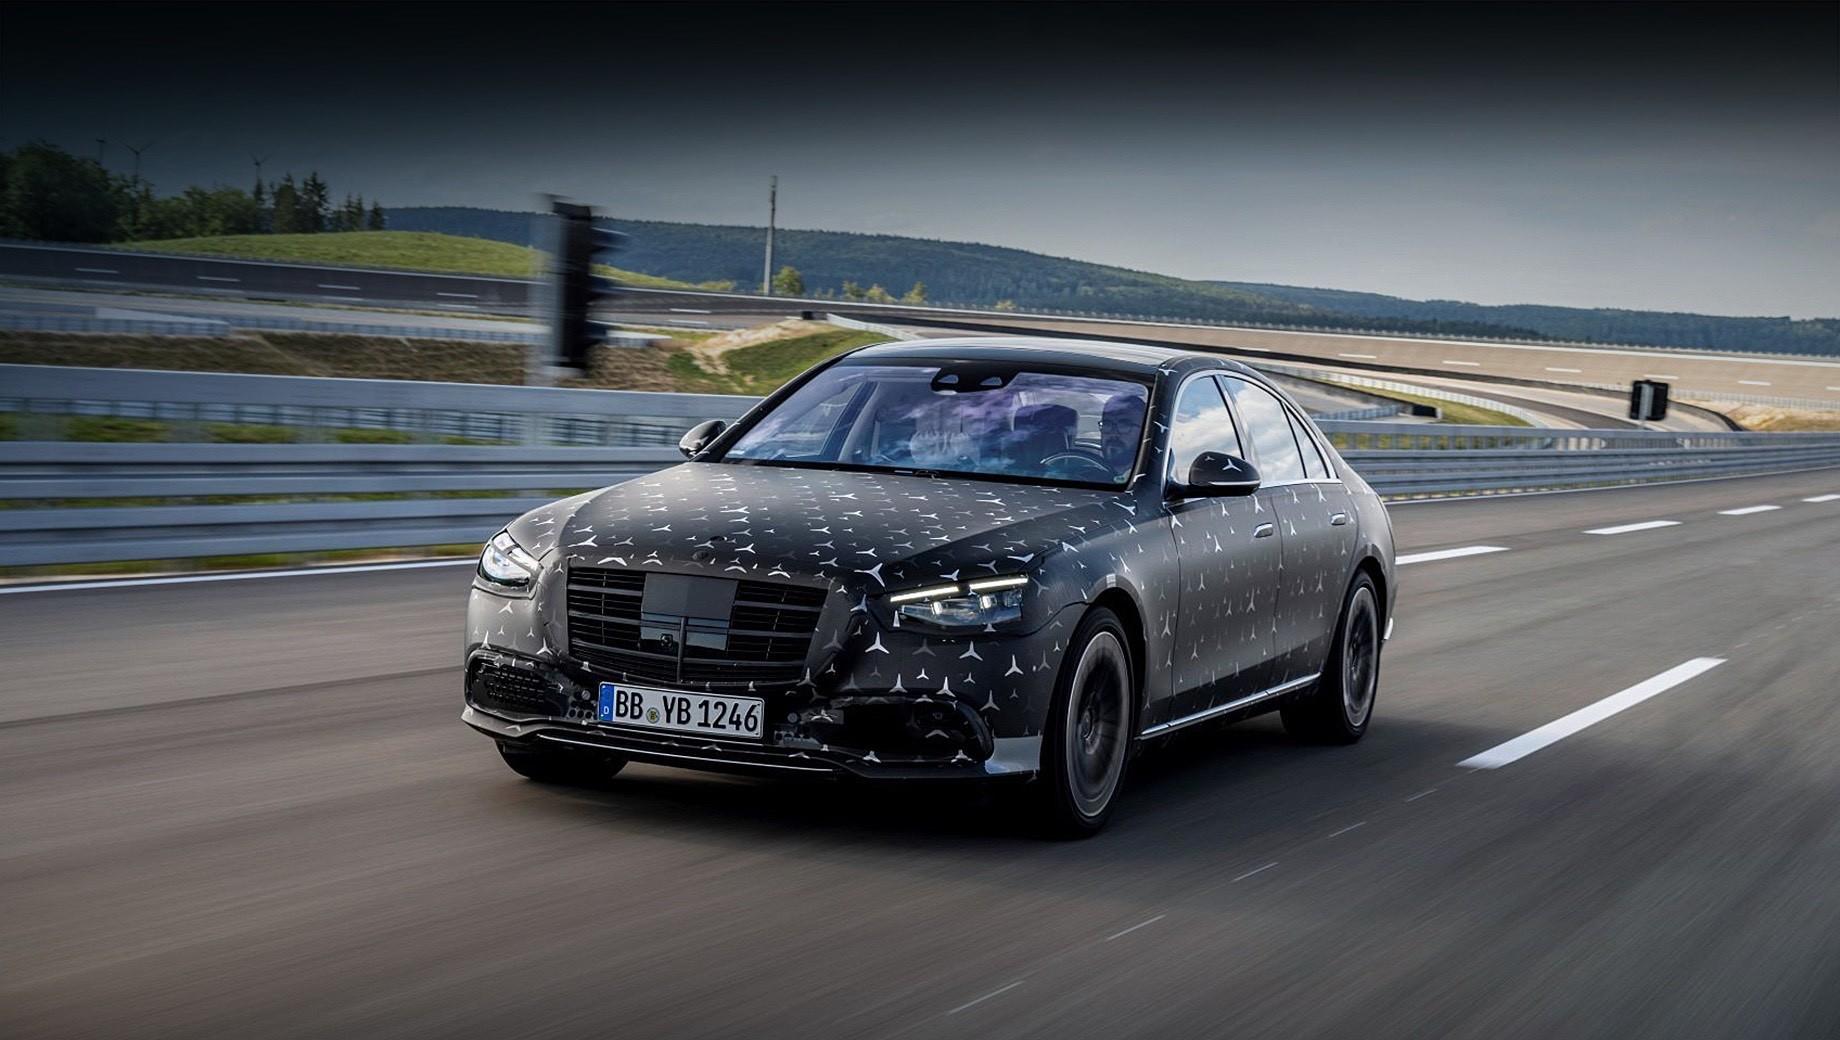 Mercedes -amg,Mercedes s,Mercedes -amg s 63. Премьера нового седана Mercedes-AMG S 63 ожидается осенью 2021-го, а обычный вариант (на фото) представят уже второго сентября этого года. Предположительно, клиентам предложат шестицилиндровые версии S 350 d, S 400 d, S 450, S 500 и S 580 e мощностью 286–510 л.с. Для модификаций S 580 и S 680 зарезервированы агрегаты V8 и V12 отдачей 525 и 612 сил соответственно.